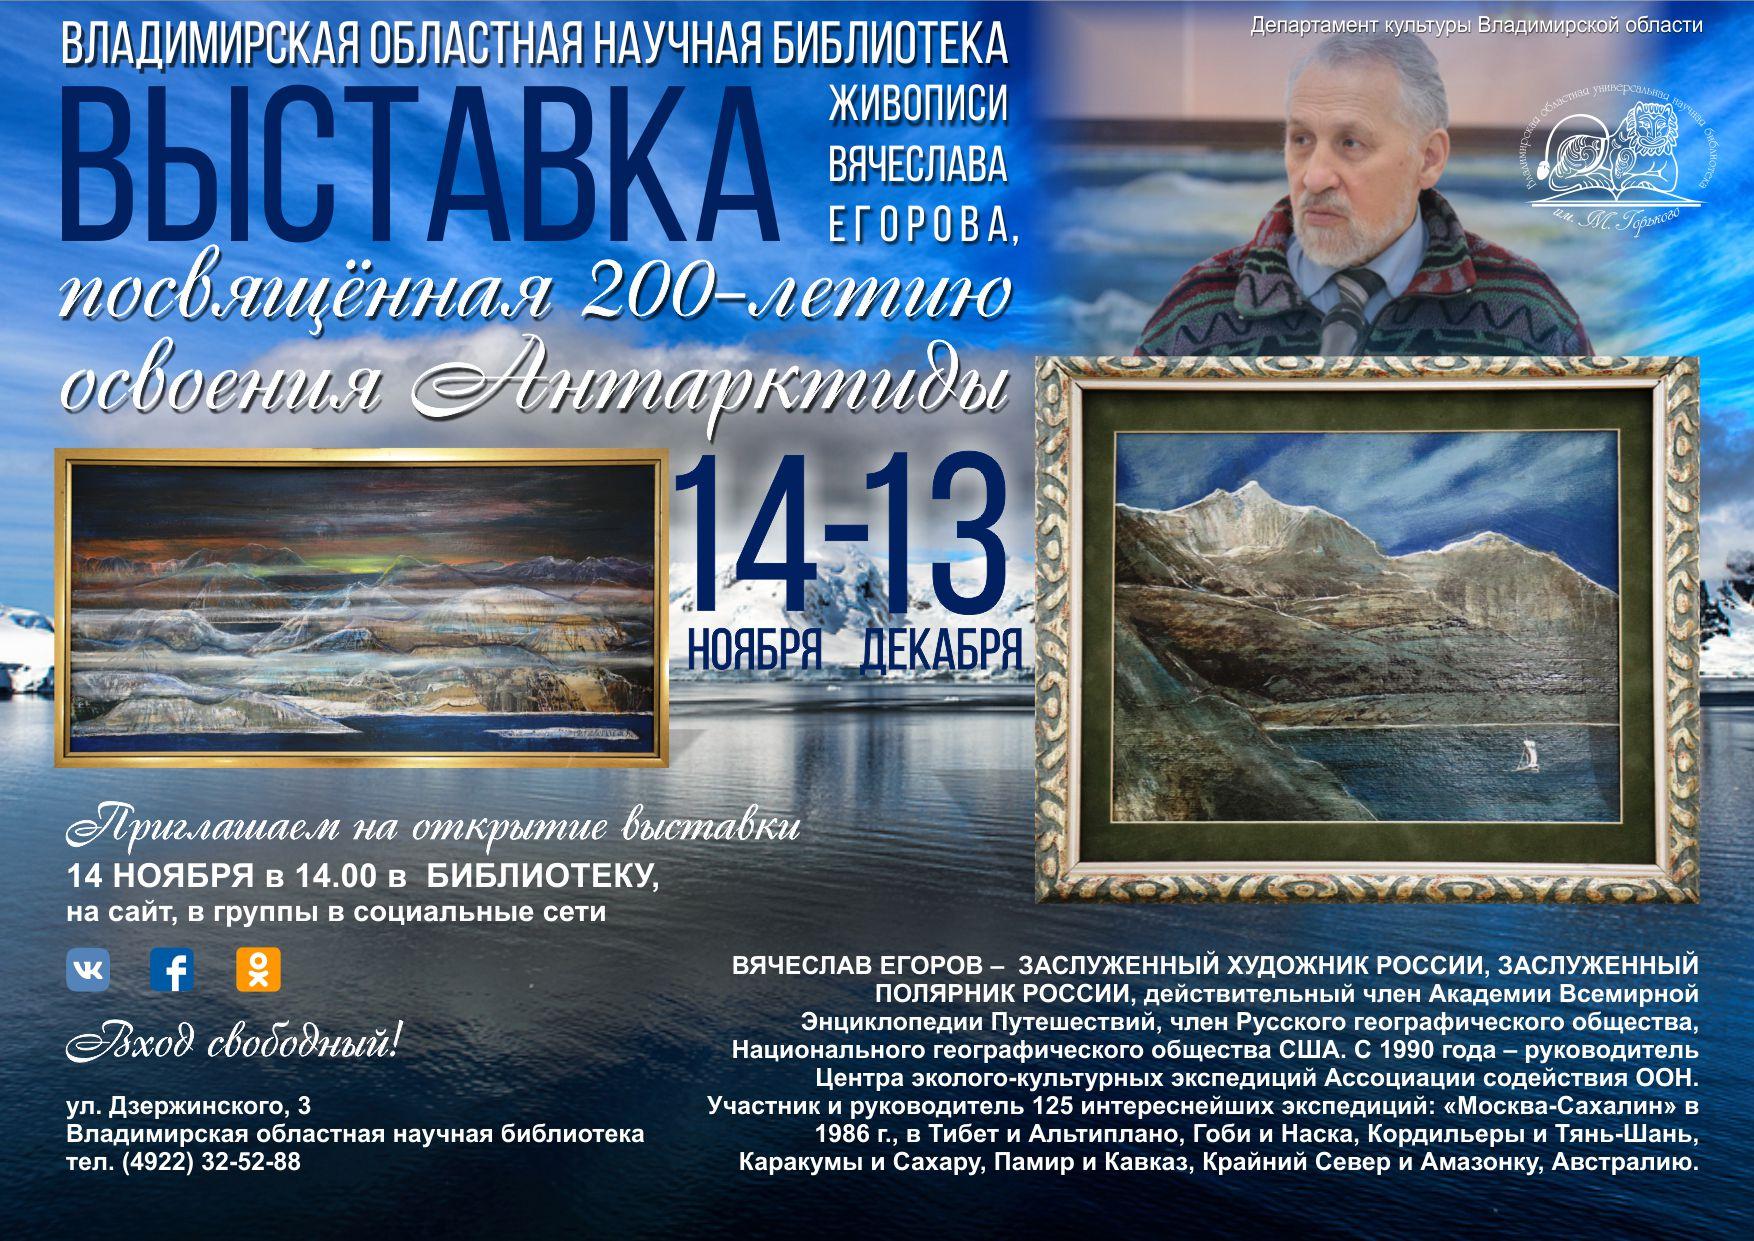 Афиша Открытия выставки Егорова